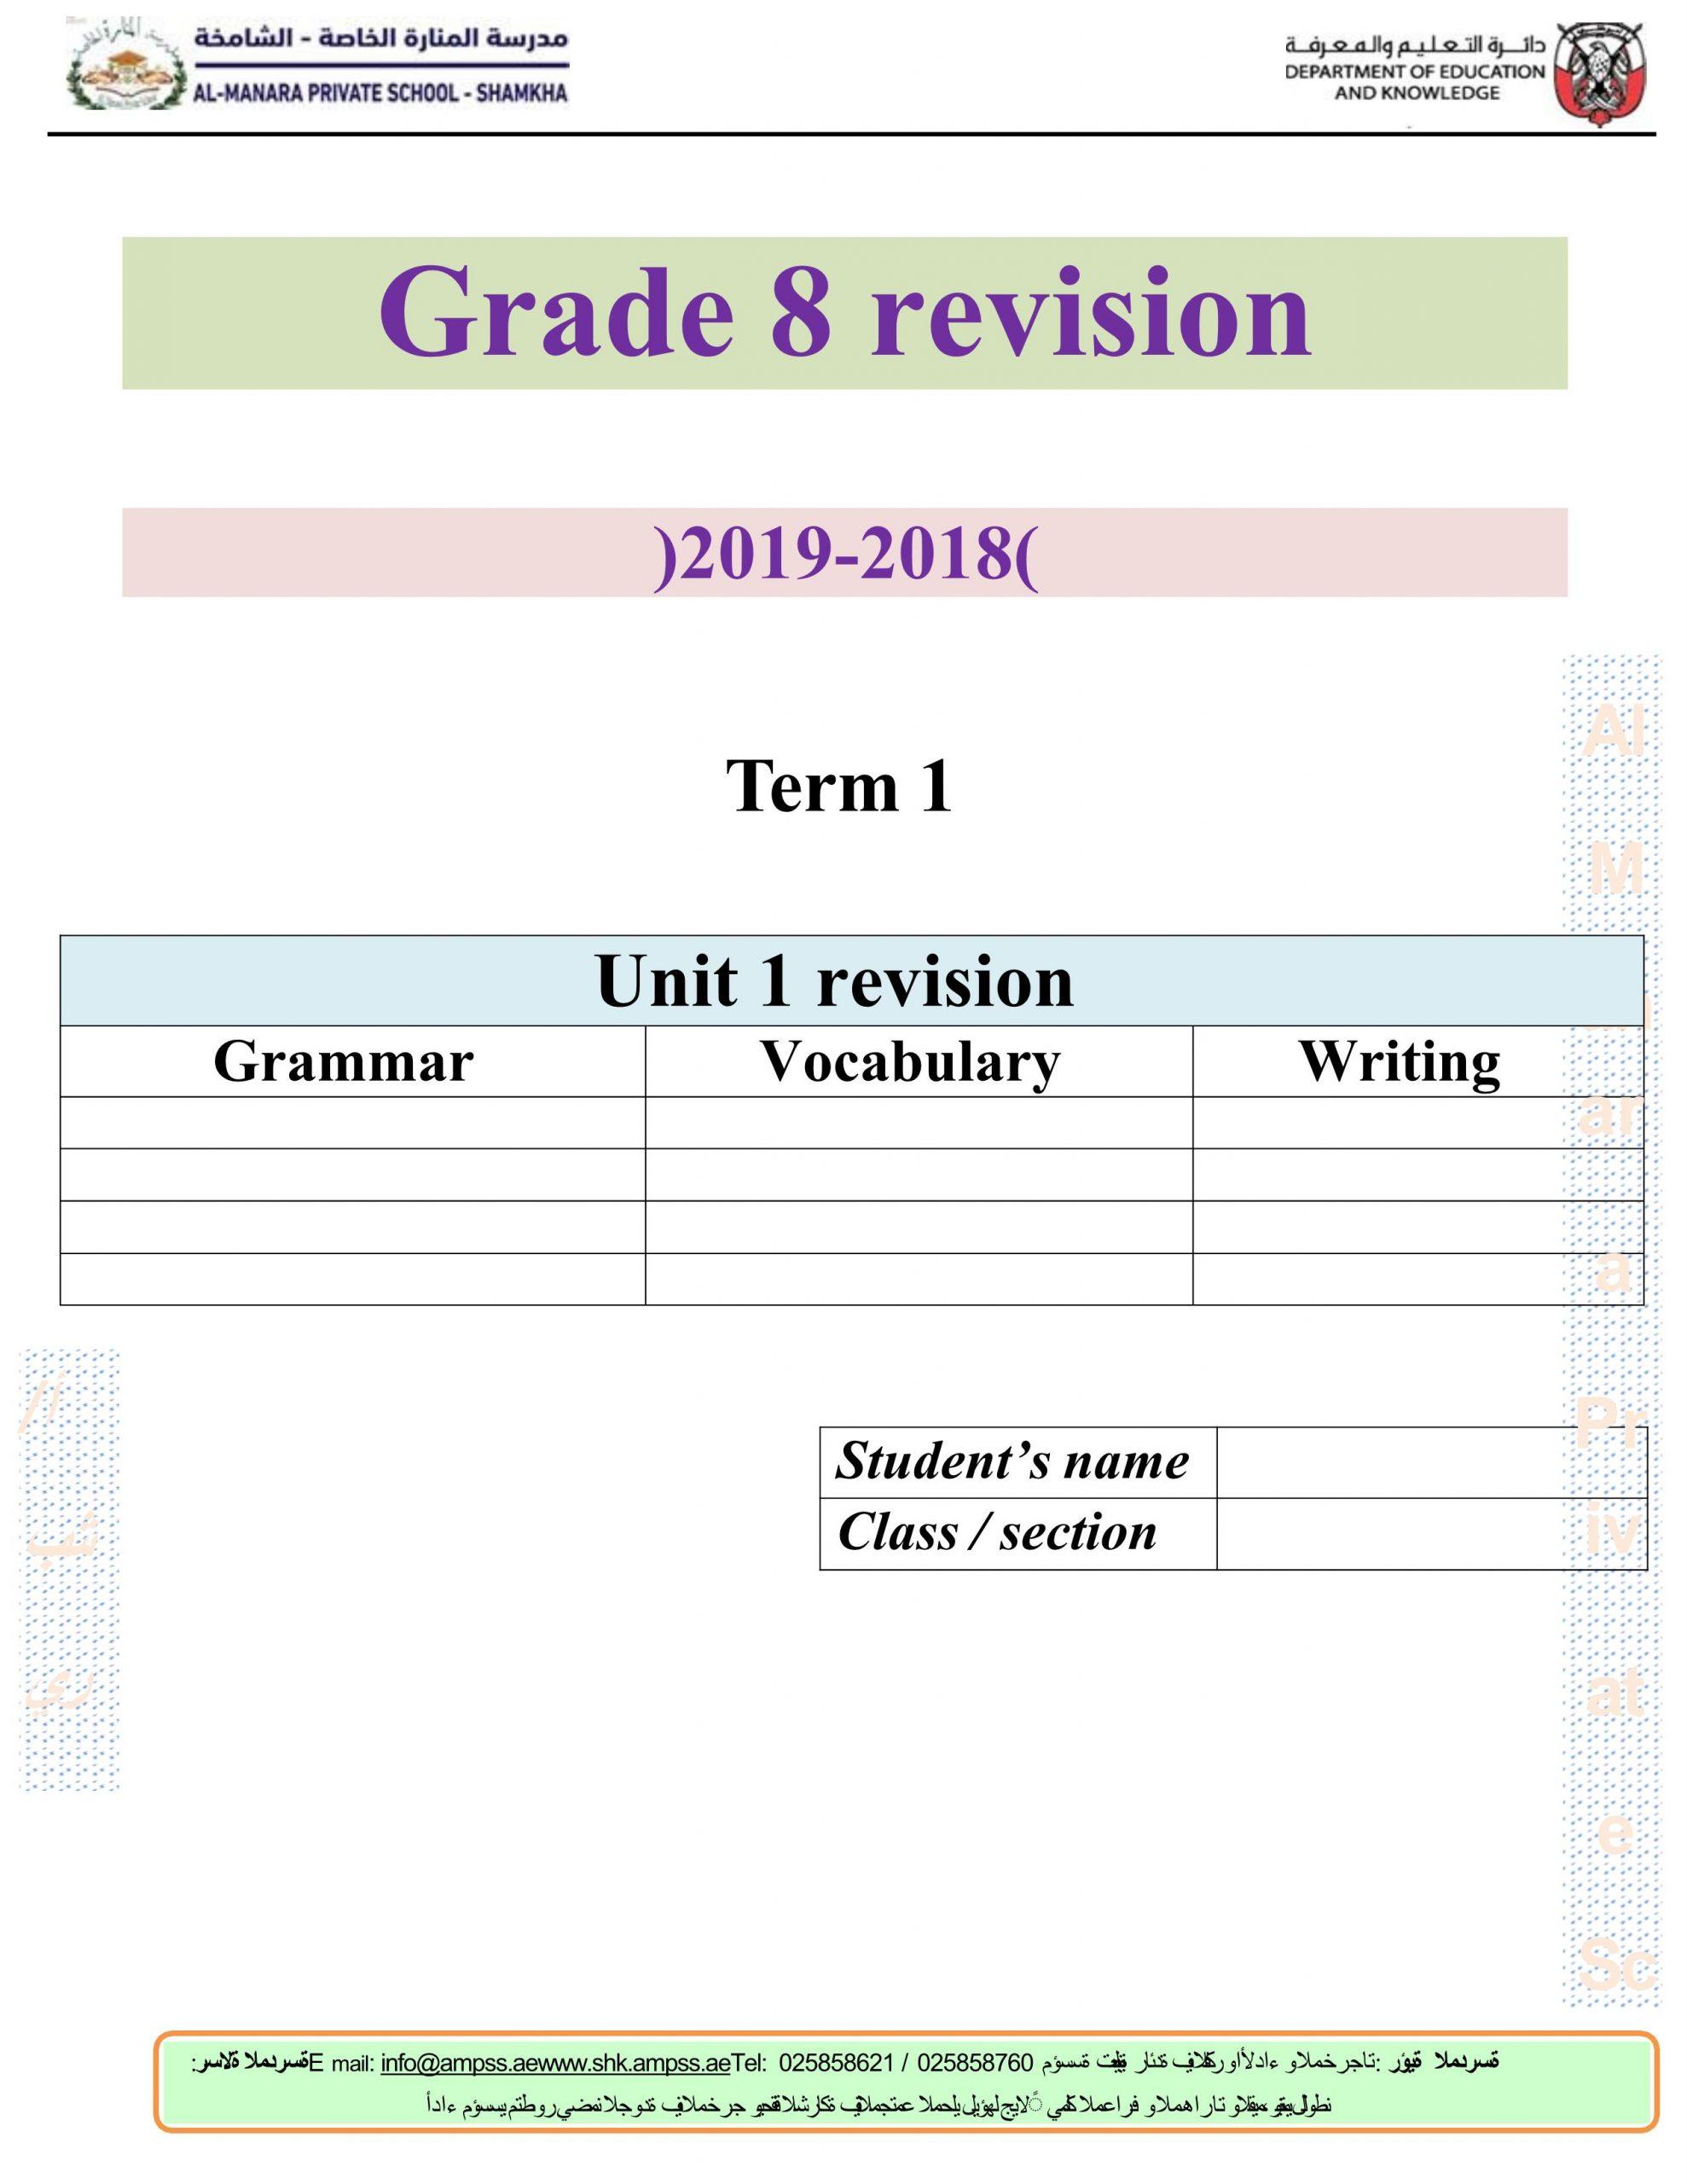 اوراق عمل مراجعة الفصل الدراسي الاول الصف الثامن مادة اللغة الانجليزية